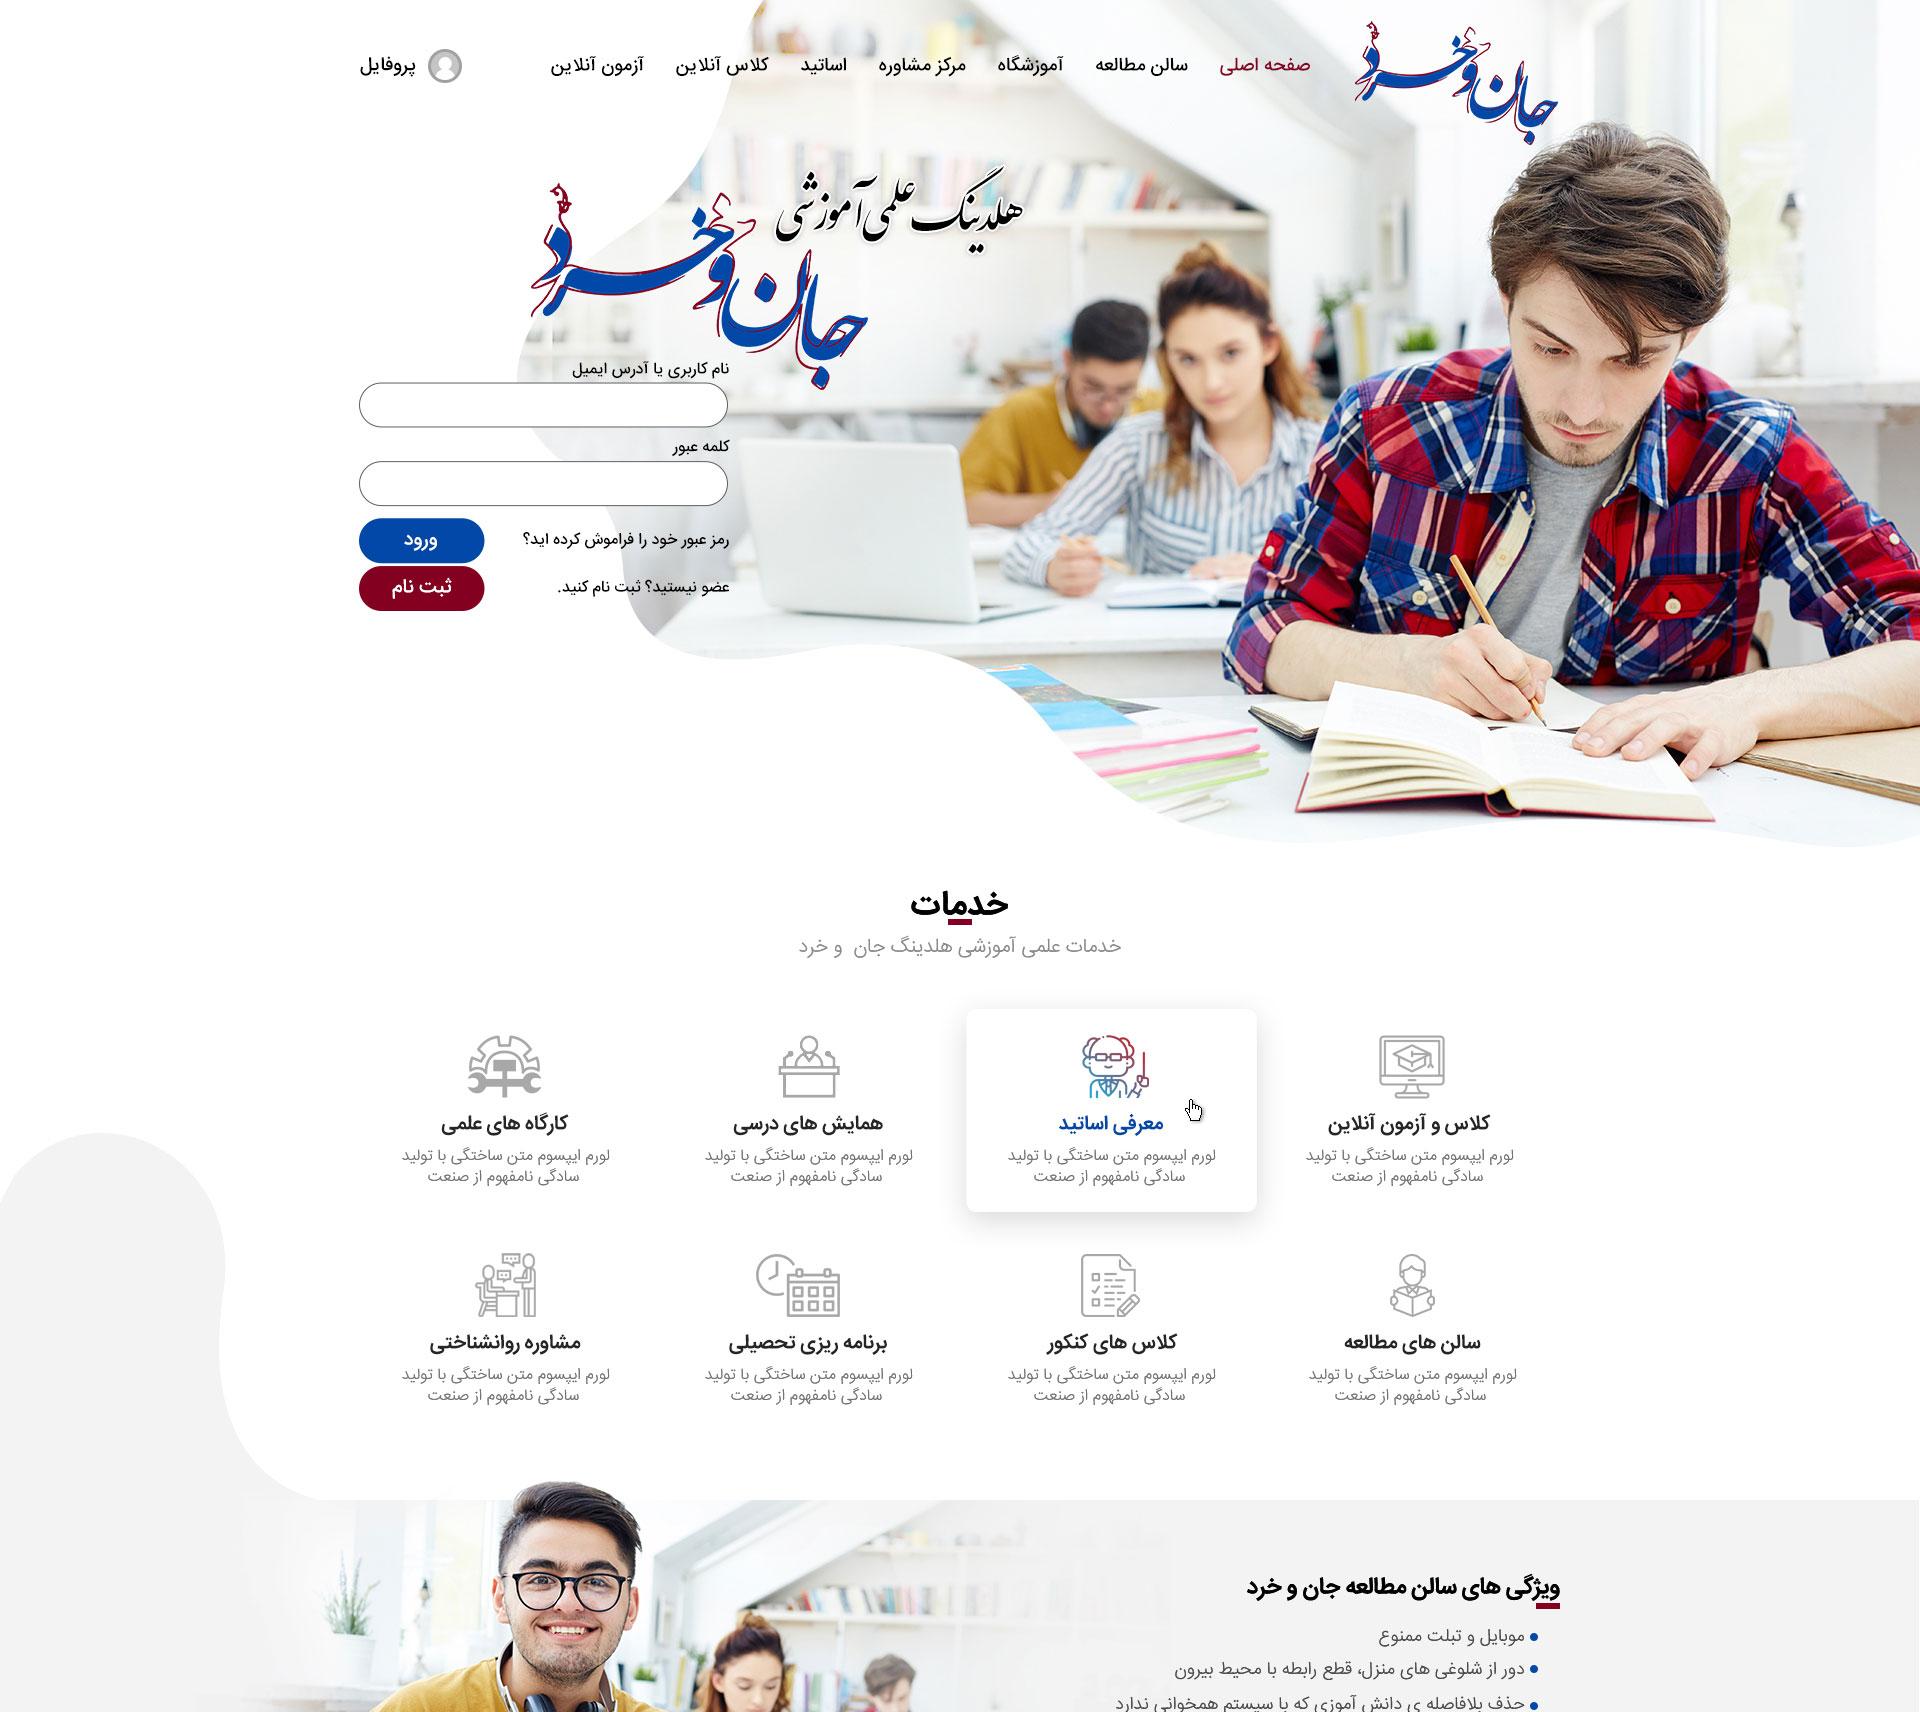 طراحی سایت آموزشی مشهد